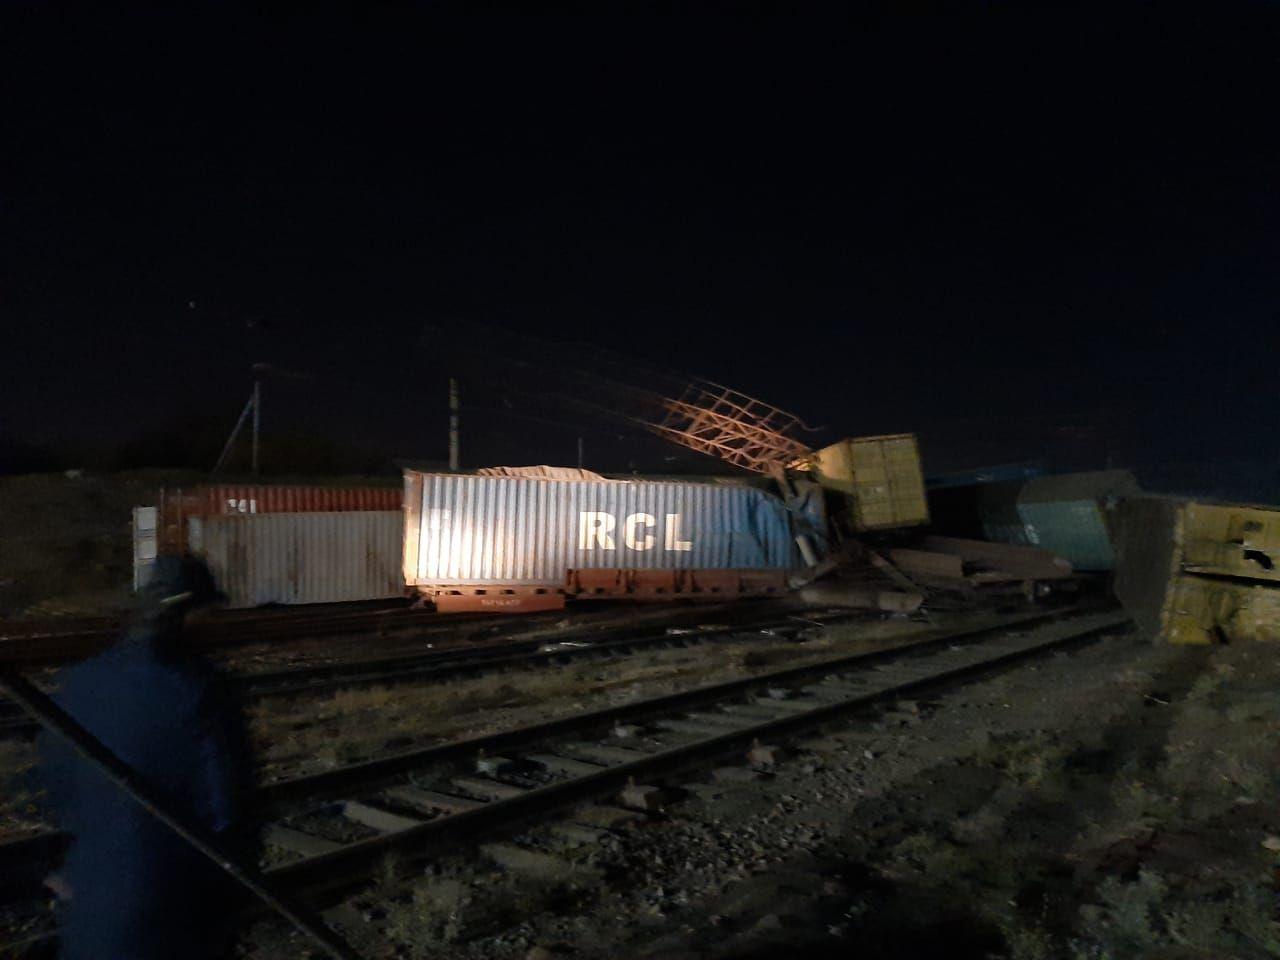 В Шымкенте сошли с рельсов 13 вагонов 471996 - Kapital.kz